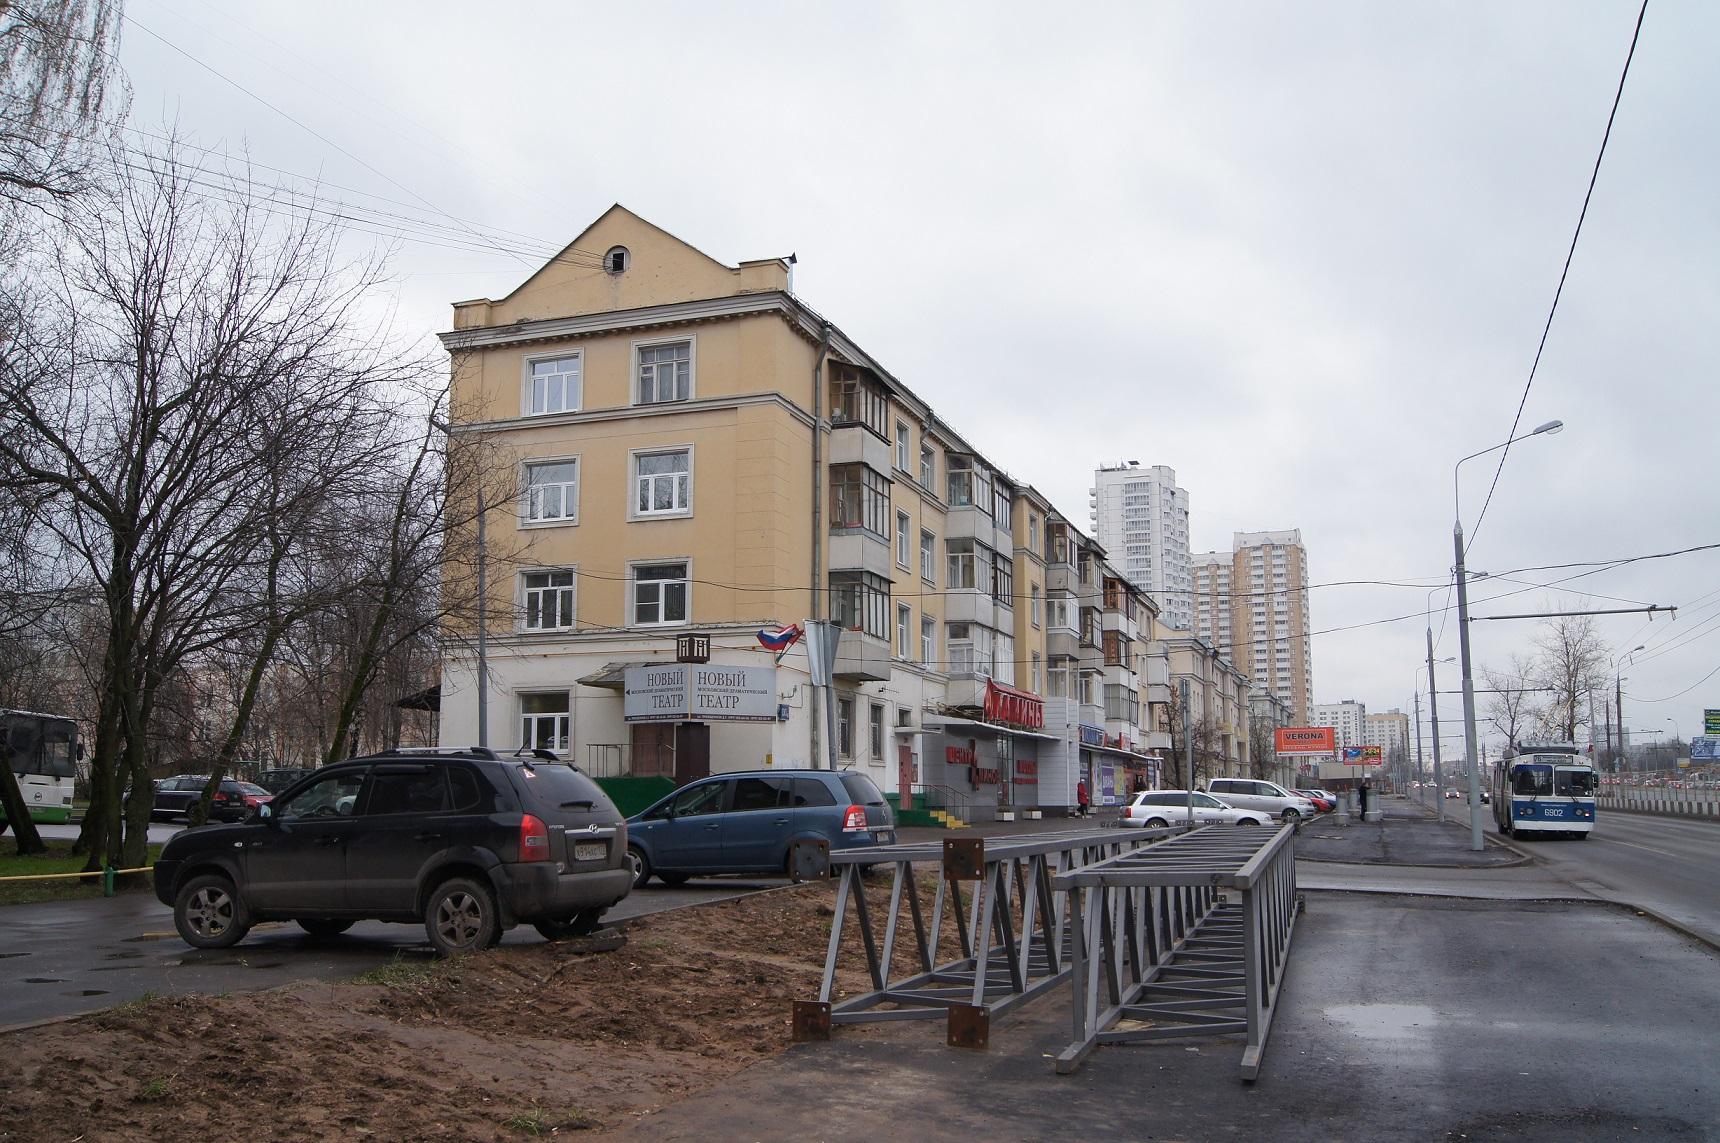 yaroslavskoe-shosse-130-k-1